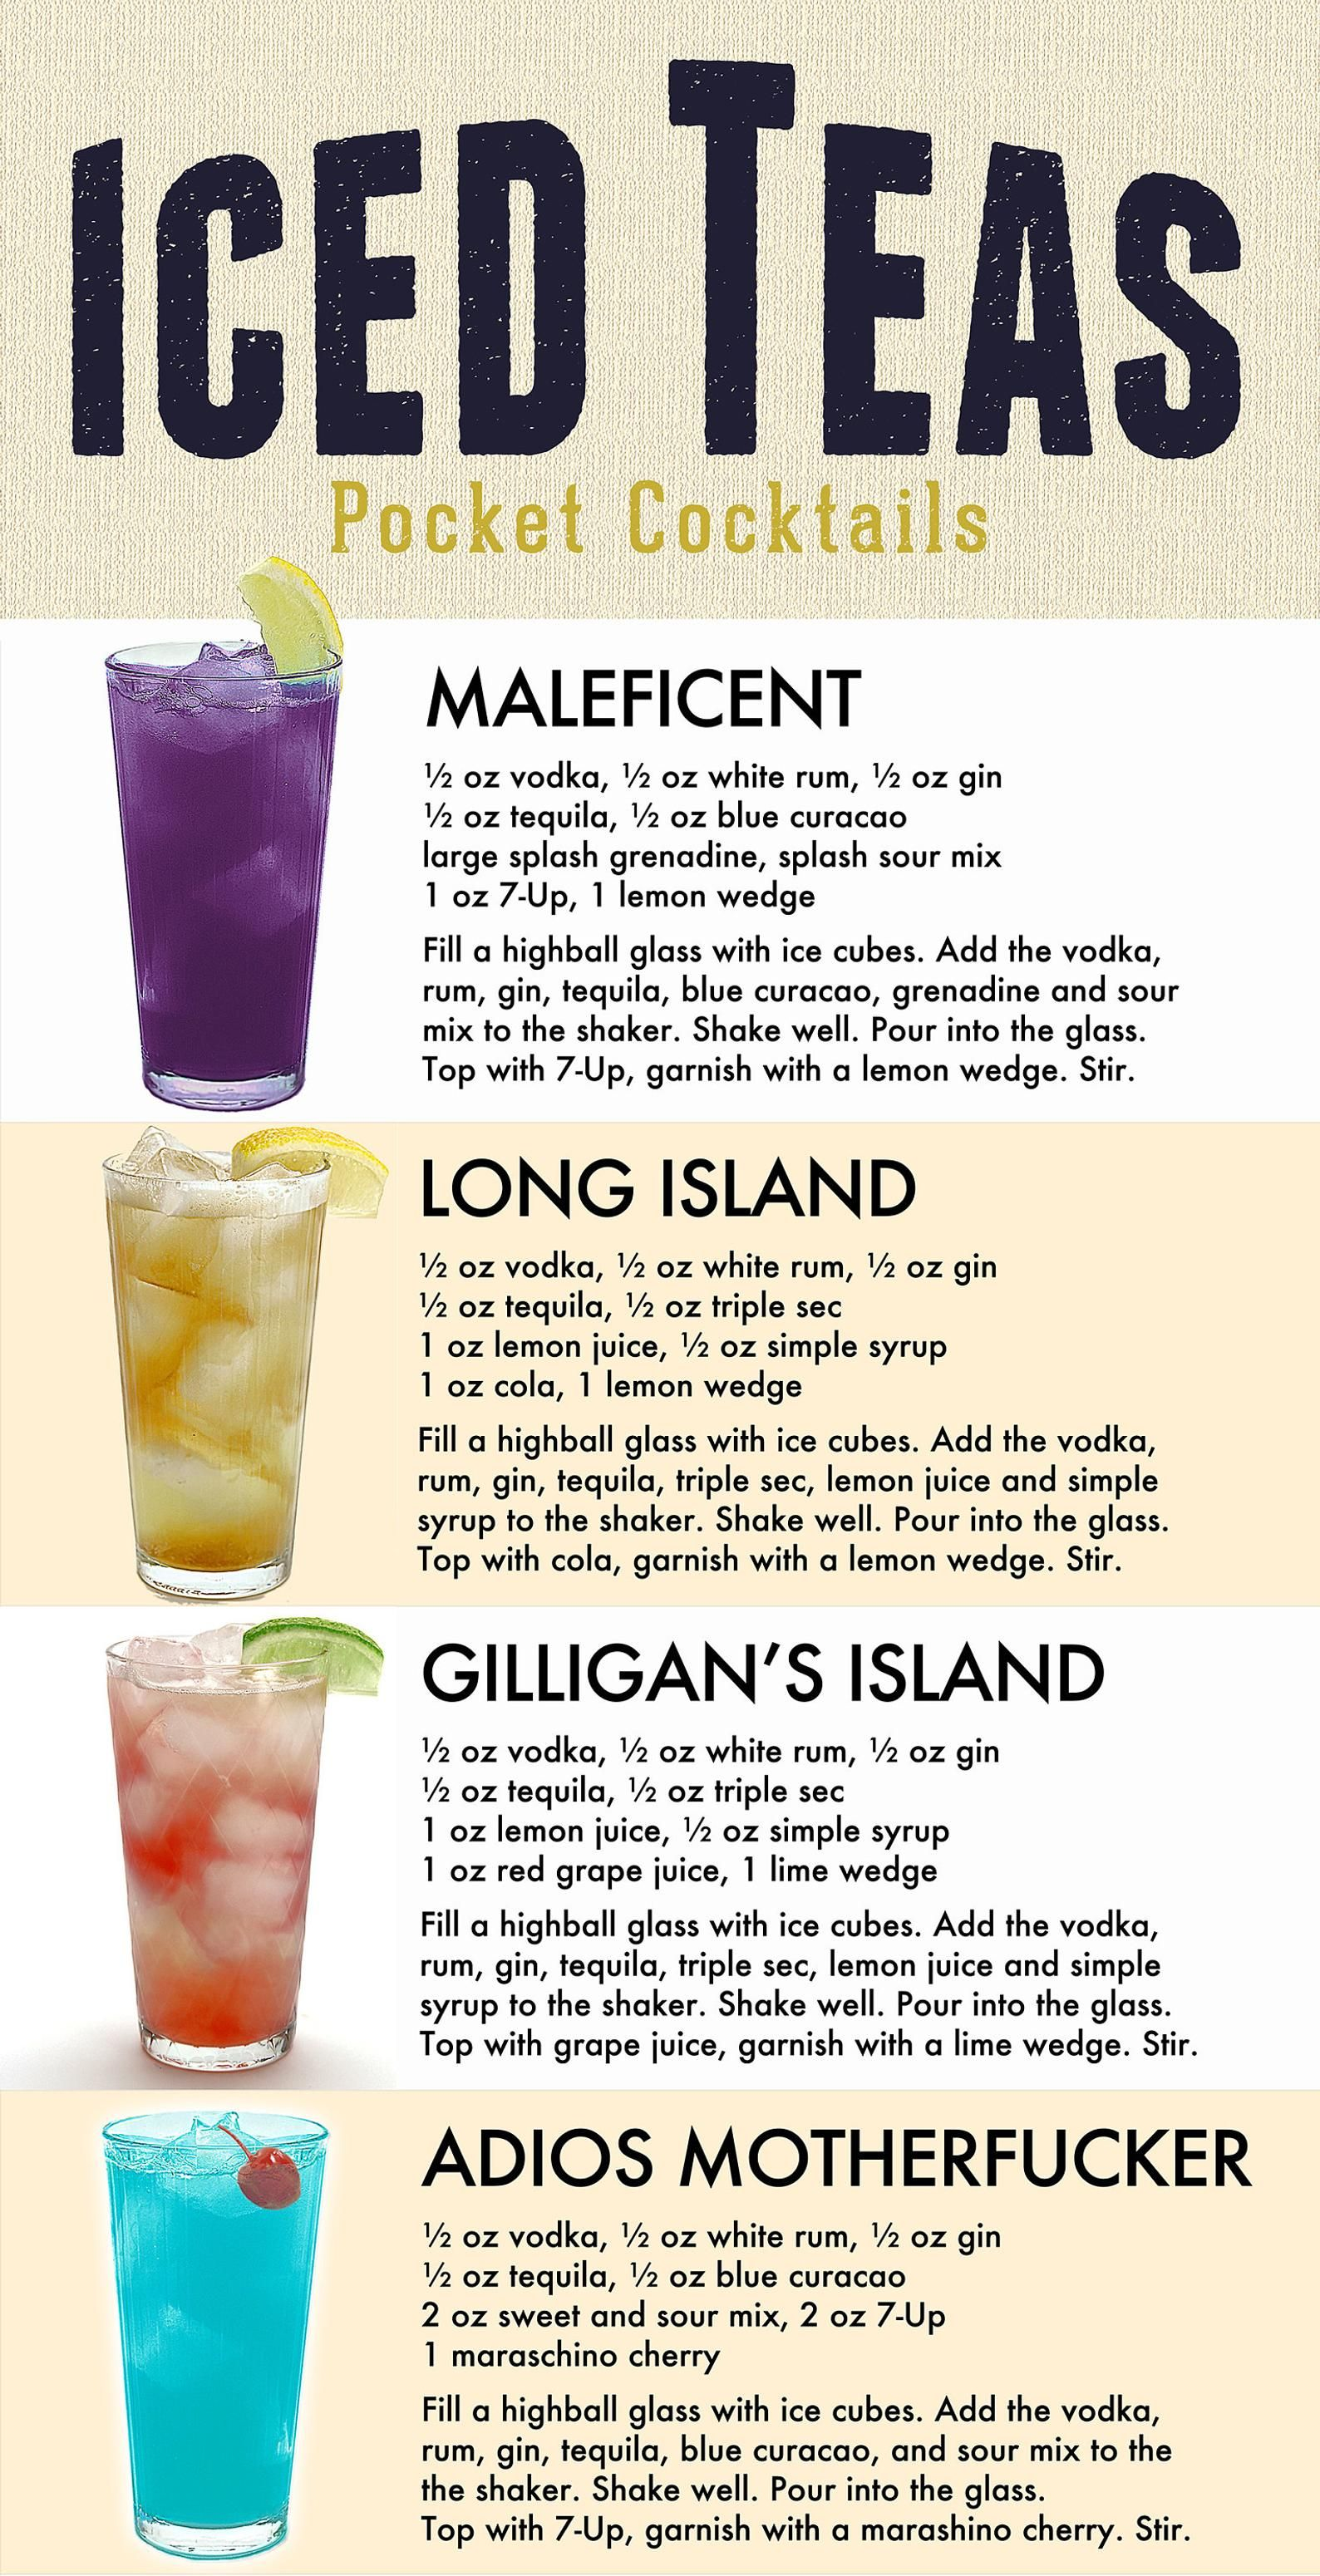 Pocket Cocktails PosterBoard - 24